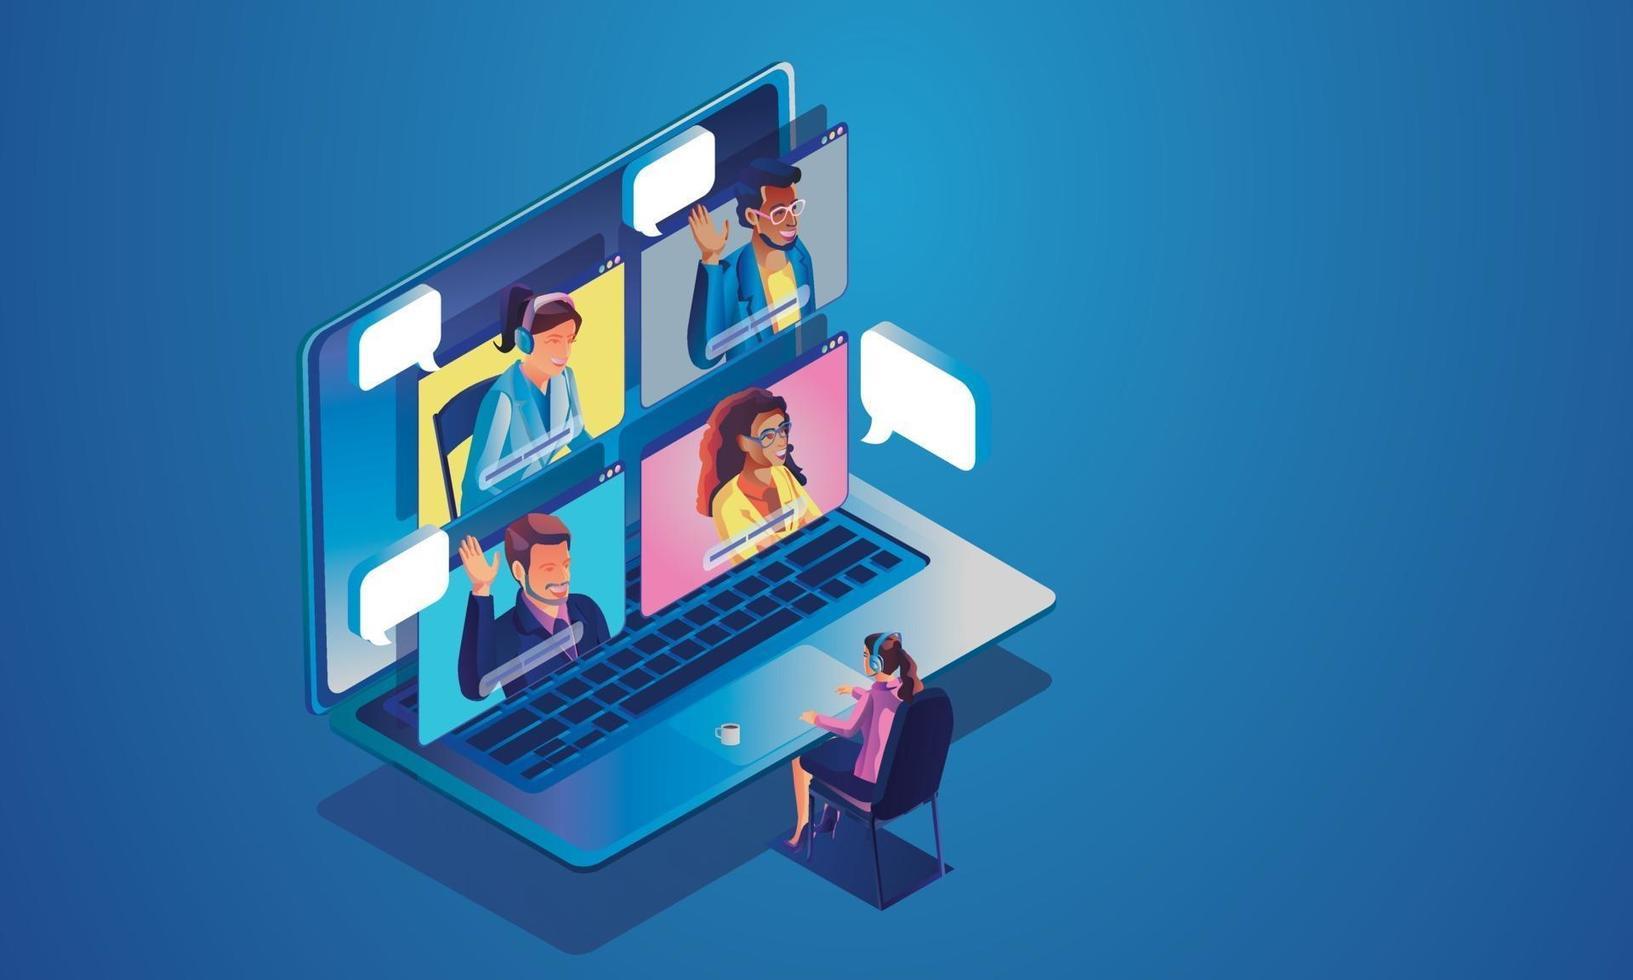 evento virtuale le persone utilizzano la videoconferenza. imprenditrice lavorando sullo schermo della finestra parlando con i colleghi. videoconferenza isometrica e pagina dell'area di lavoro della riunione online vettore